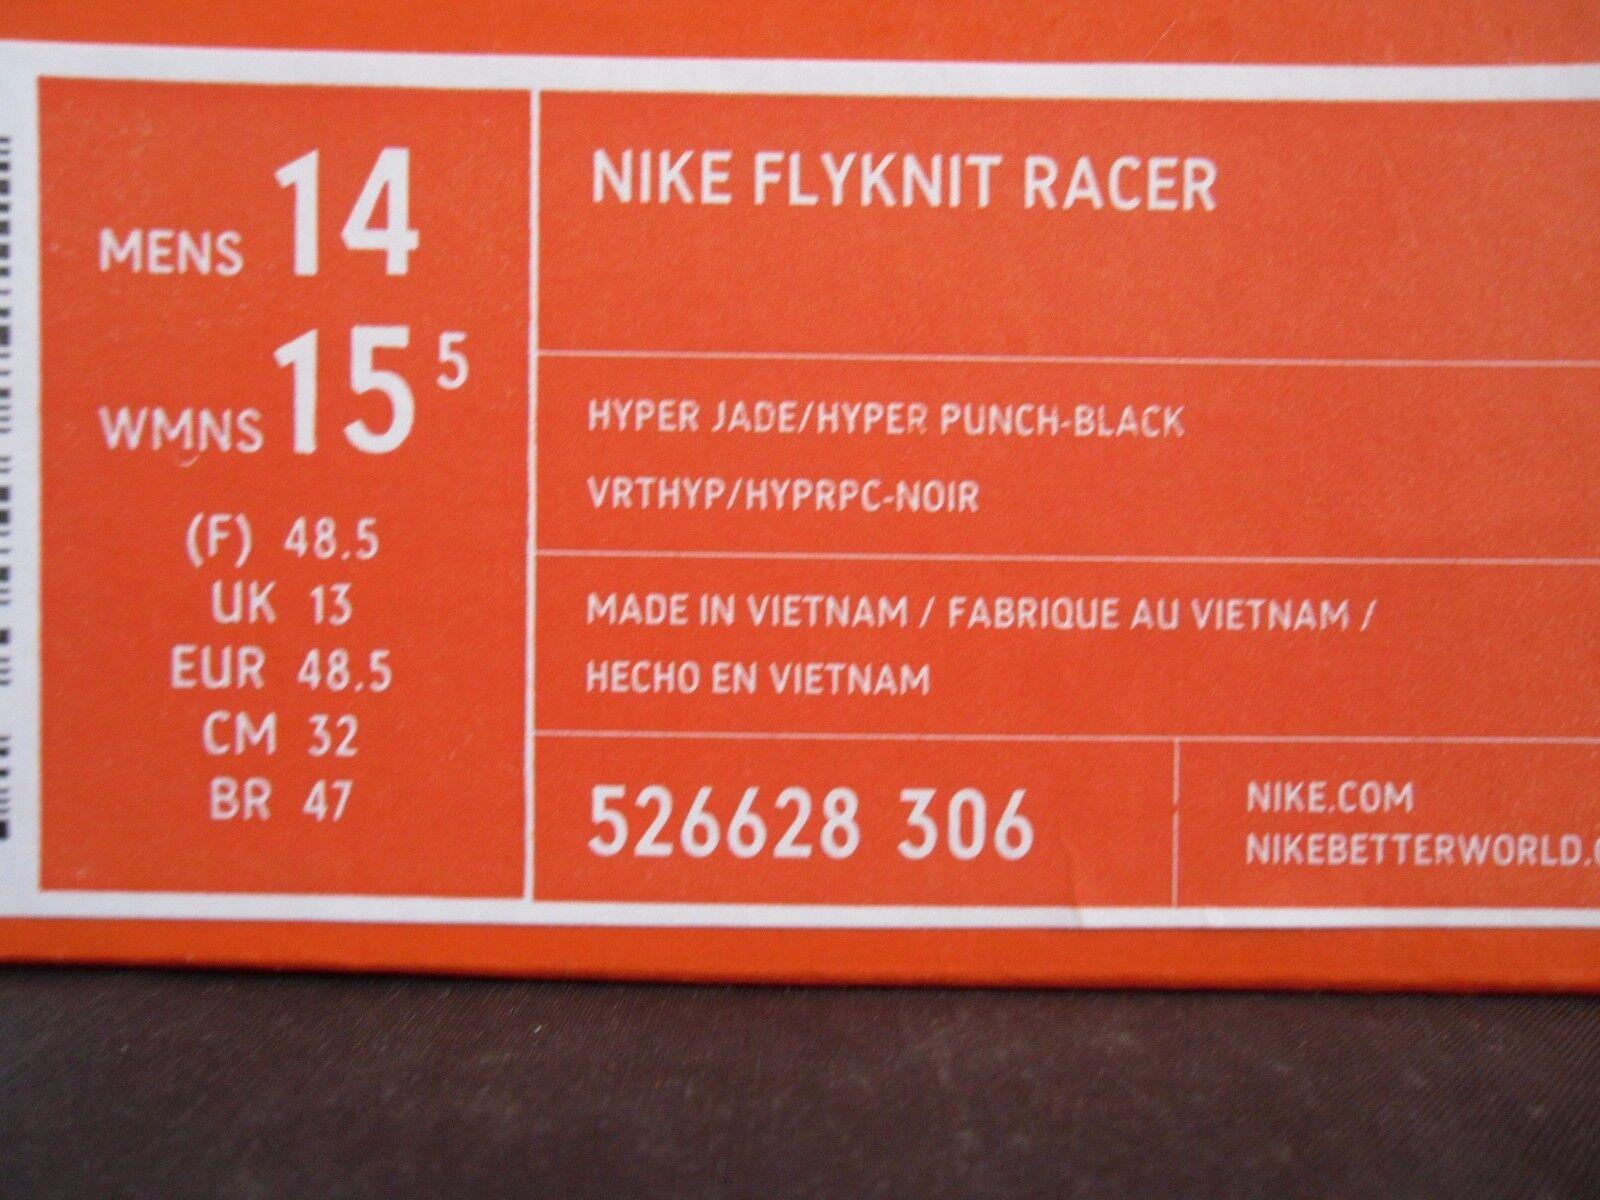 Nike racer flyknit racer Nike hyper jade-hyper punch-schwarz sz 14 [526628-306] 04b6de